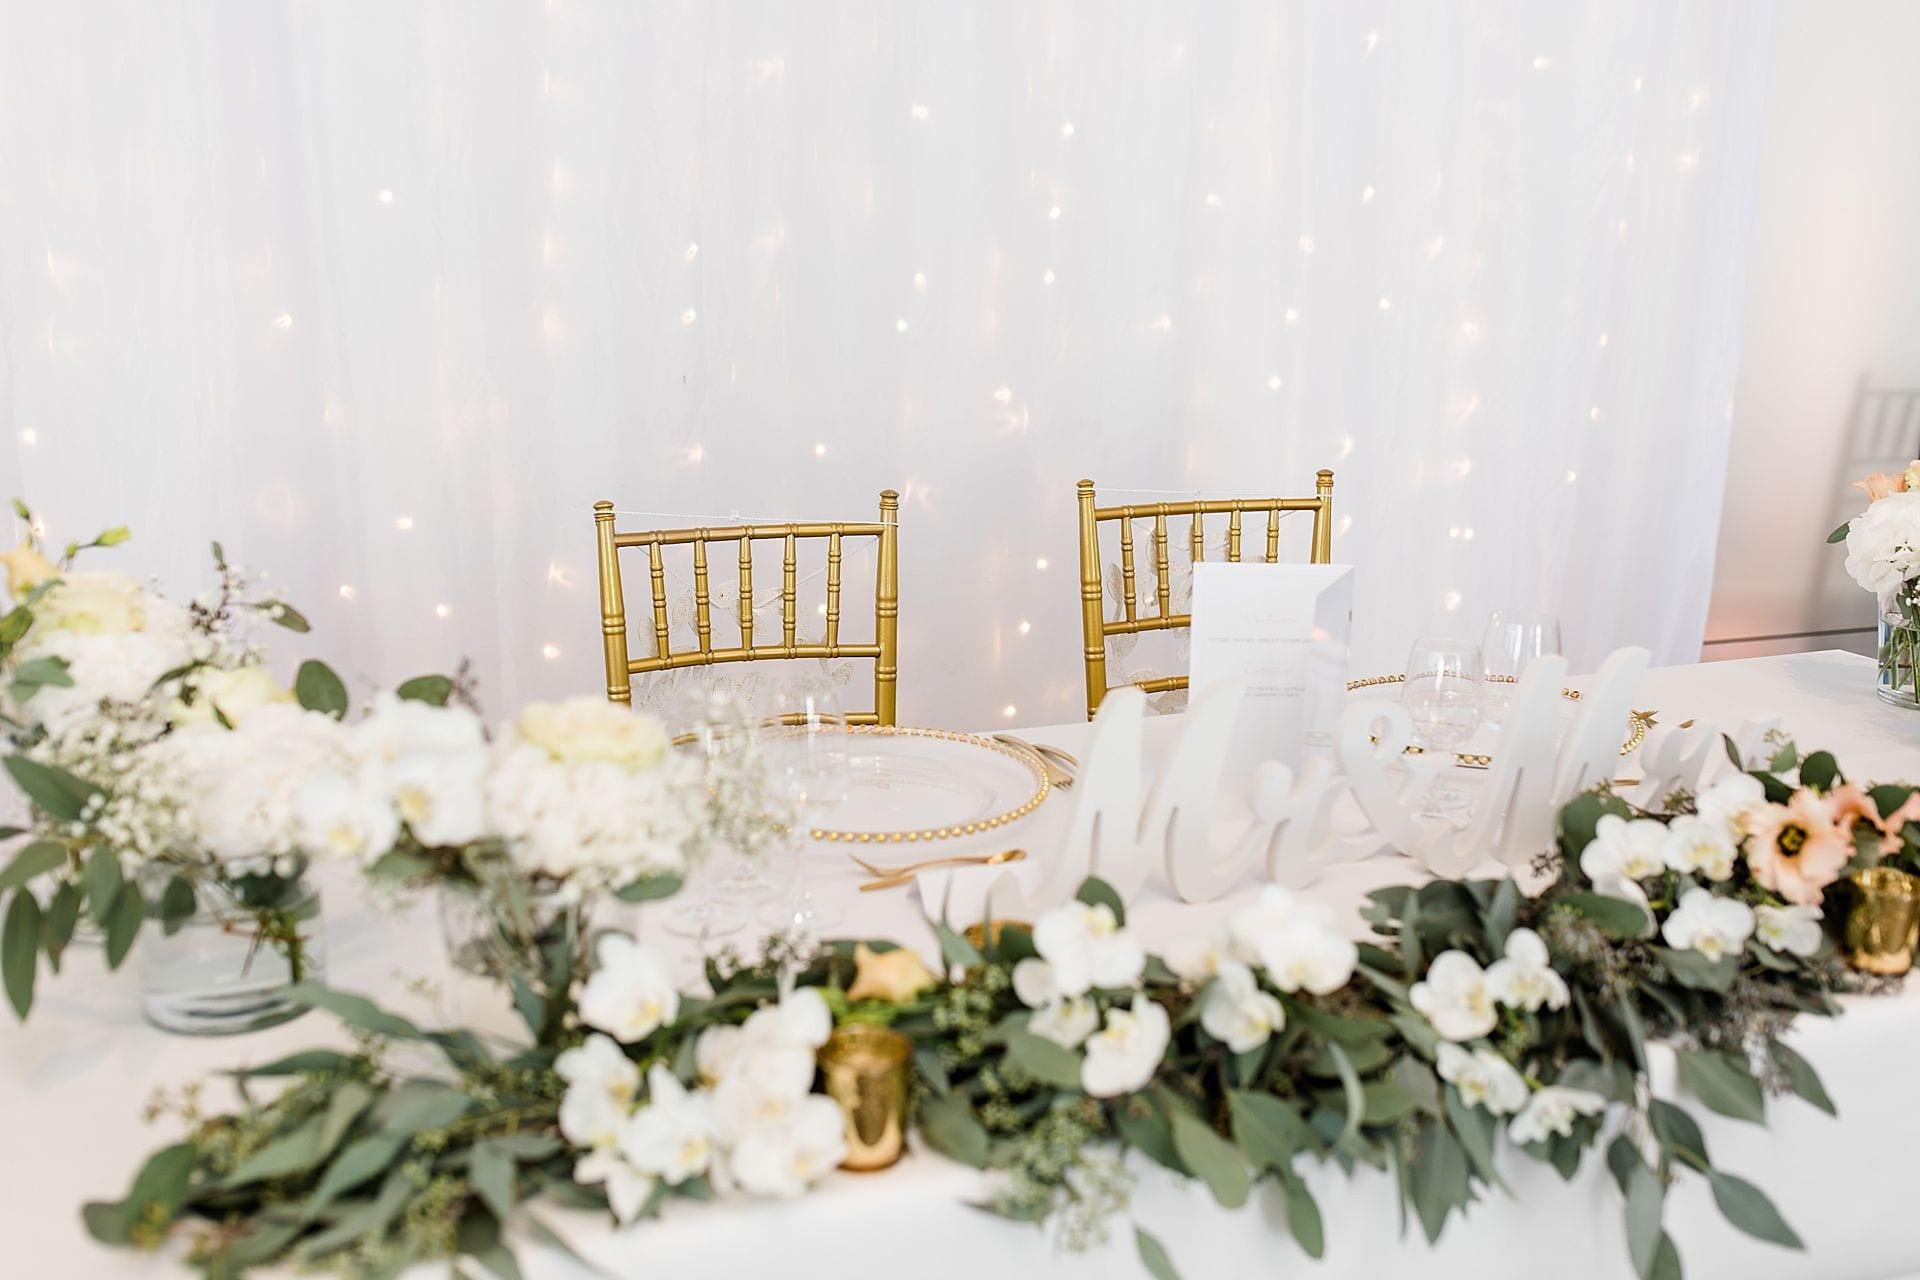 Dekorierter Tisch mit Blumenschmuck und Chiavari Stühlen.